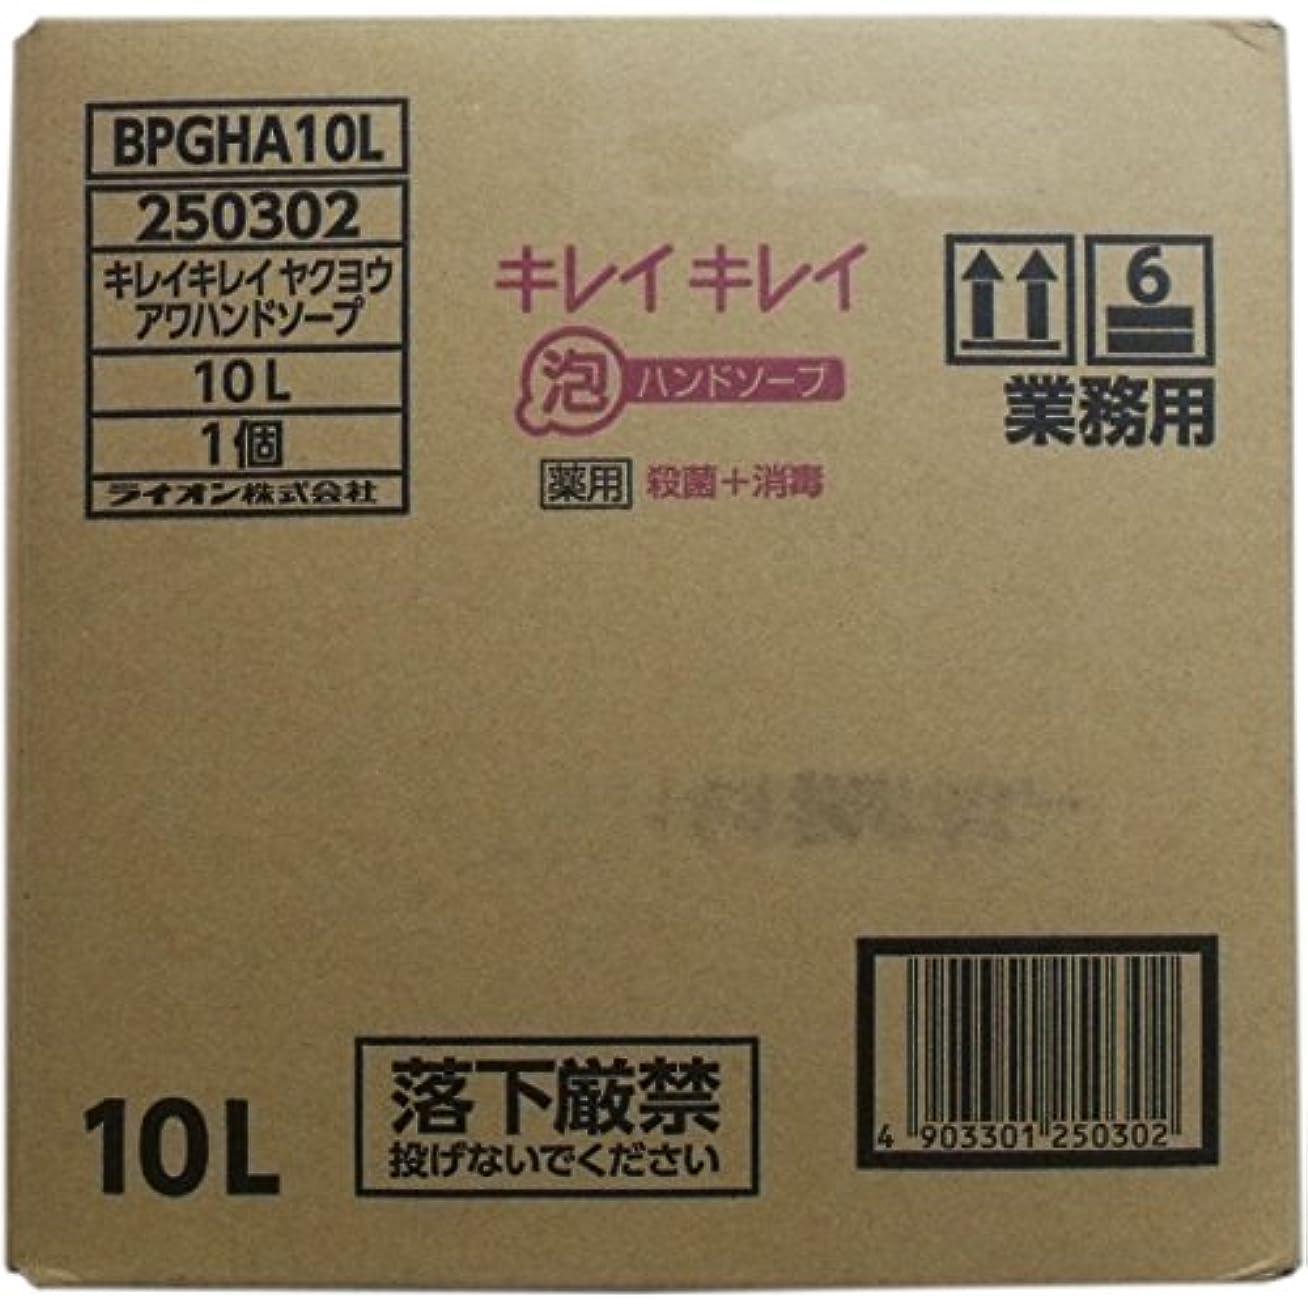 環境保護主義者凍ったファシズム業務用キレイキレイ 薬用泡ハンドソープ 10L×2個セット